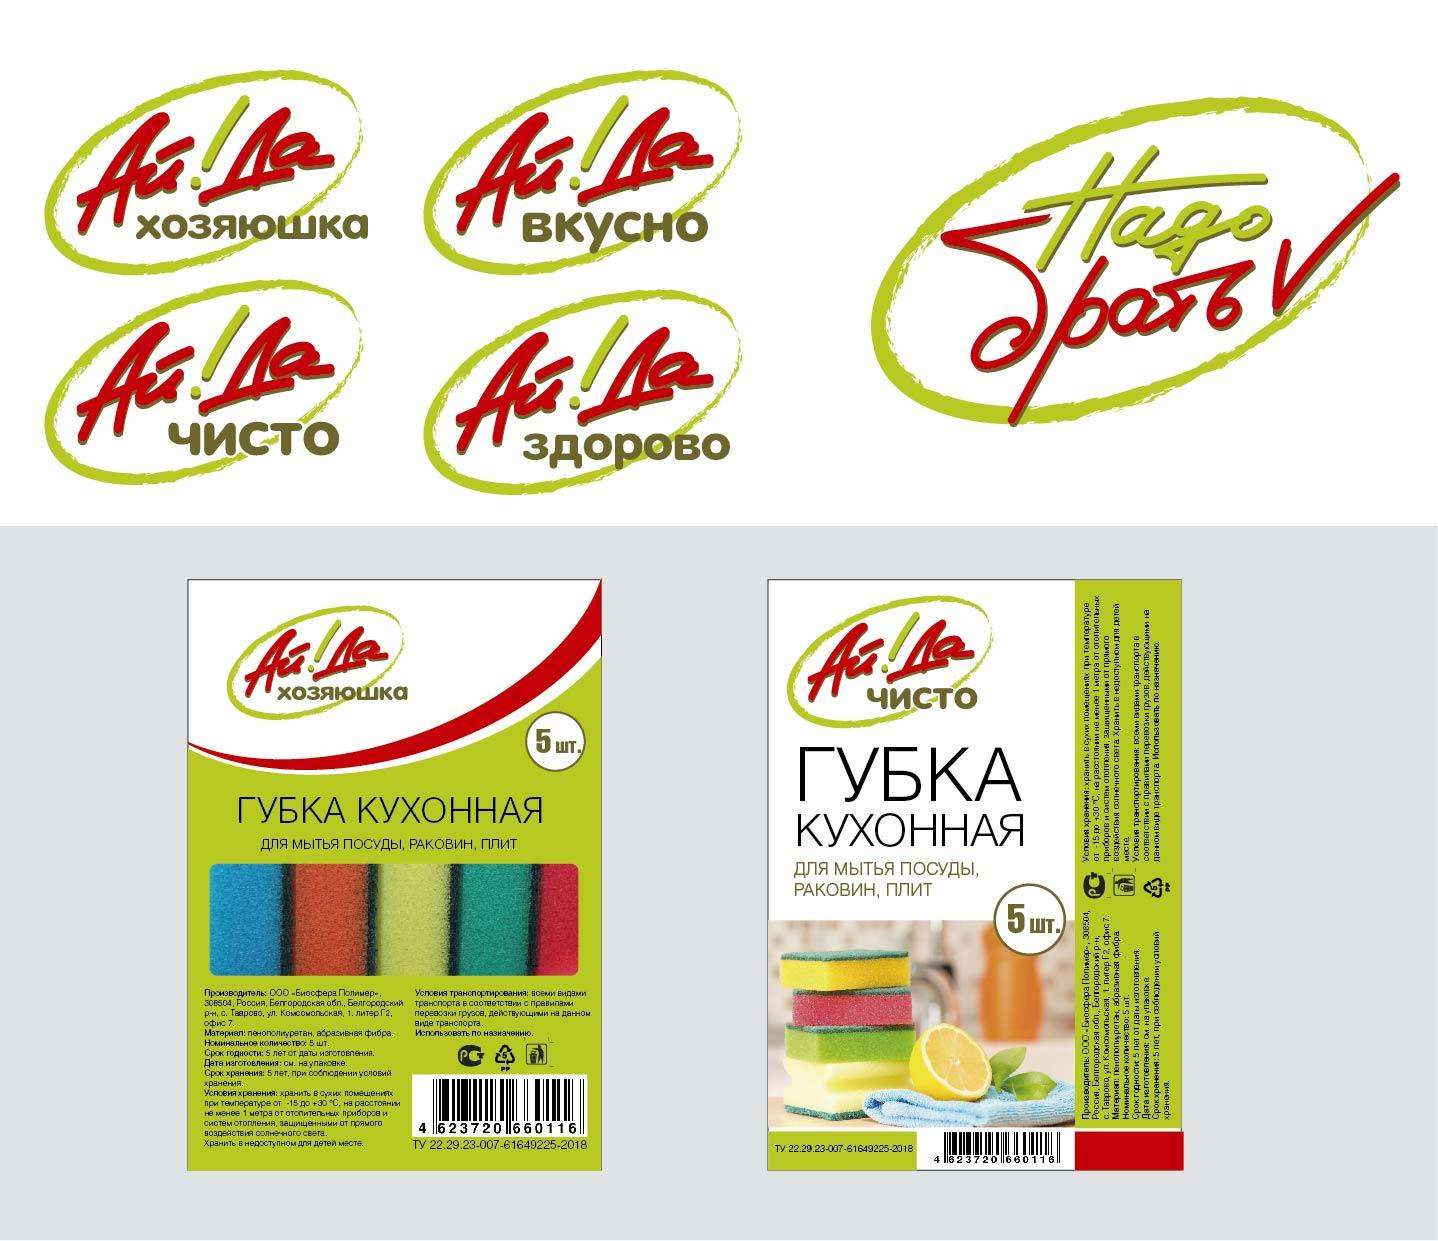 Дизайн логотипа и упаковки СТМ фото f_4065c5592878fded.jpg